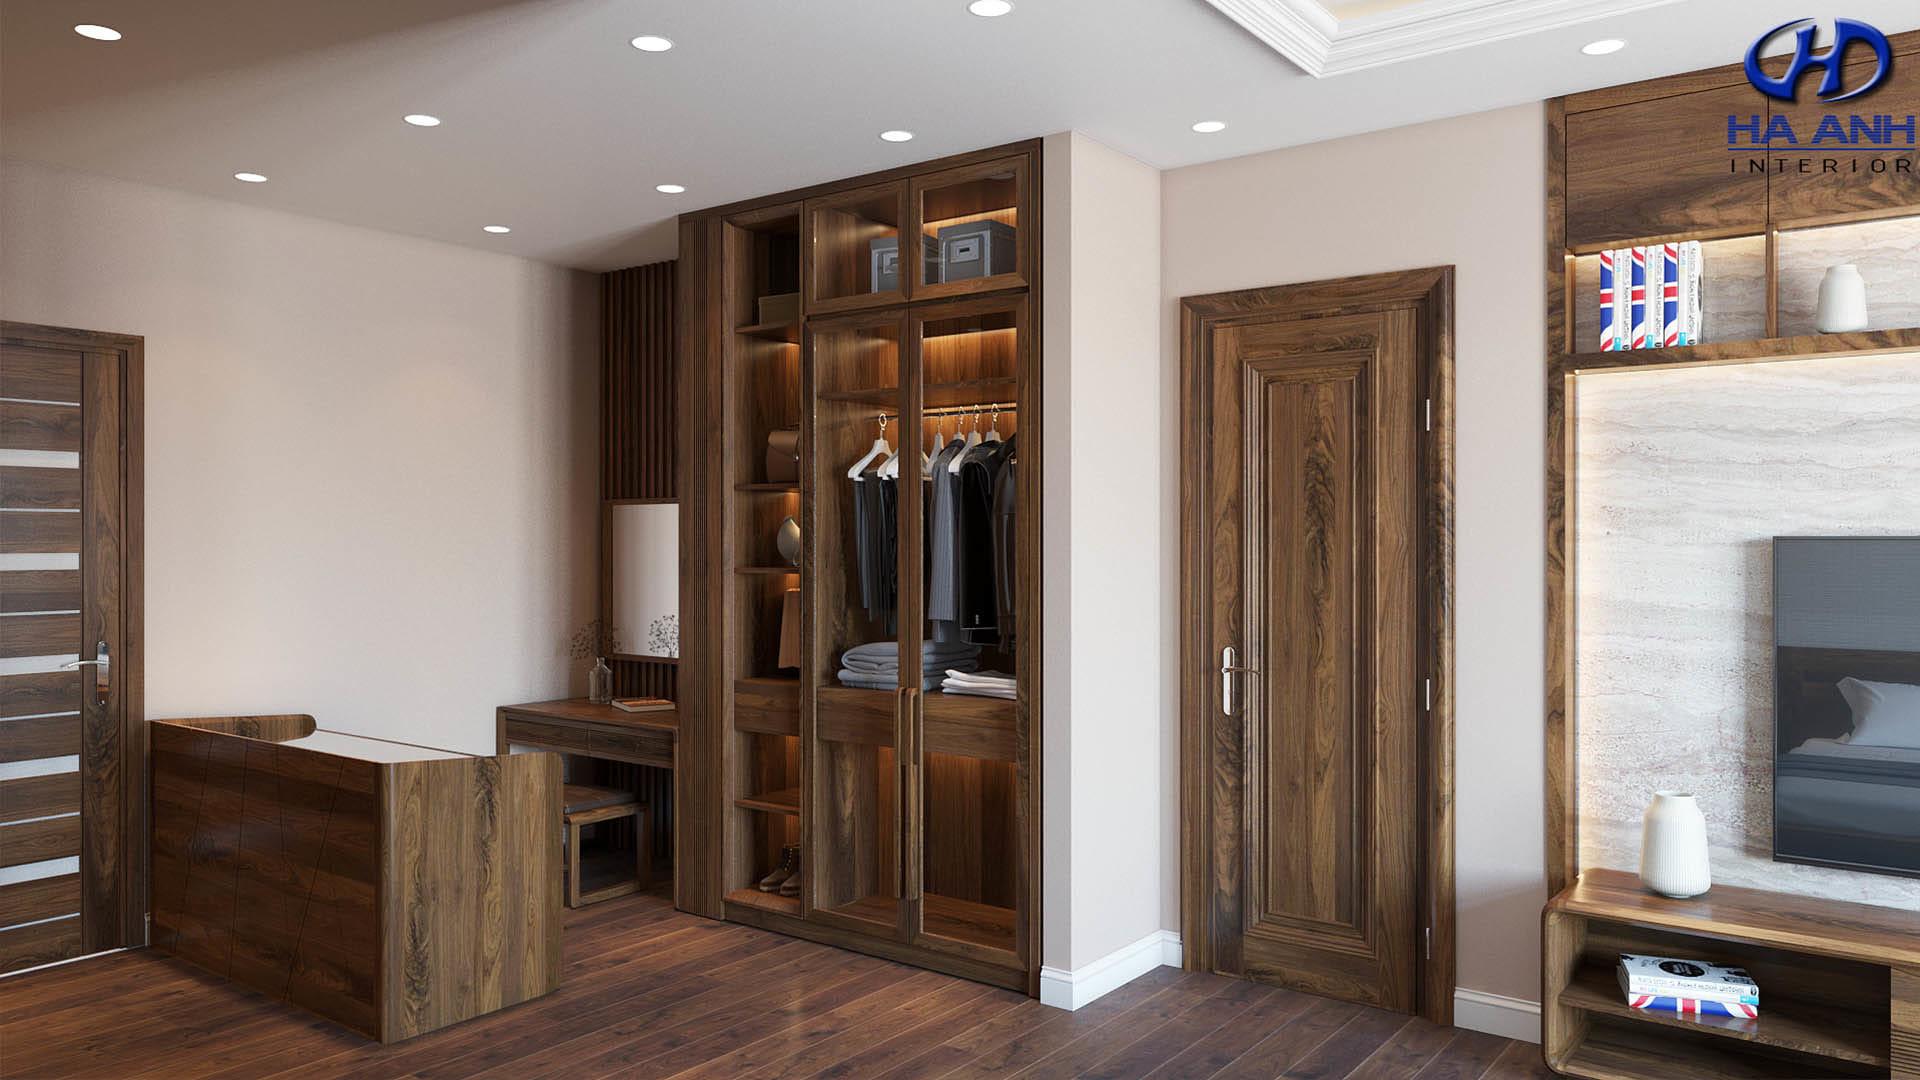 Mẫu tủ áo gỗ óc chó phù hợp với không gian phòng ngủ 4